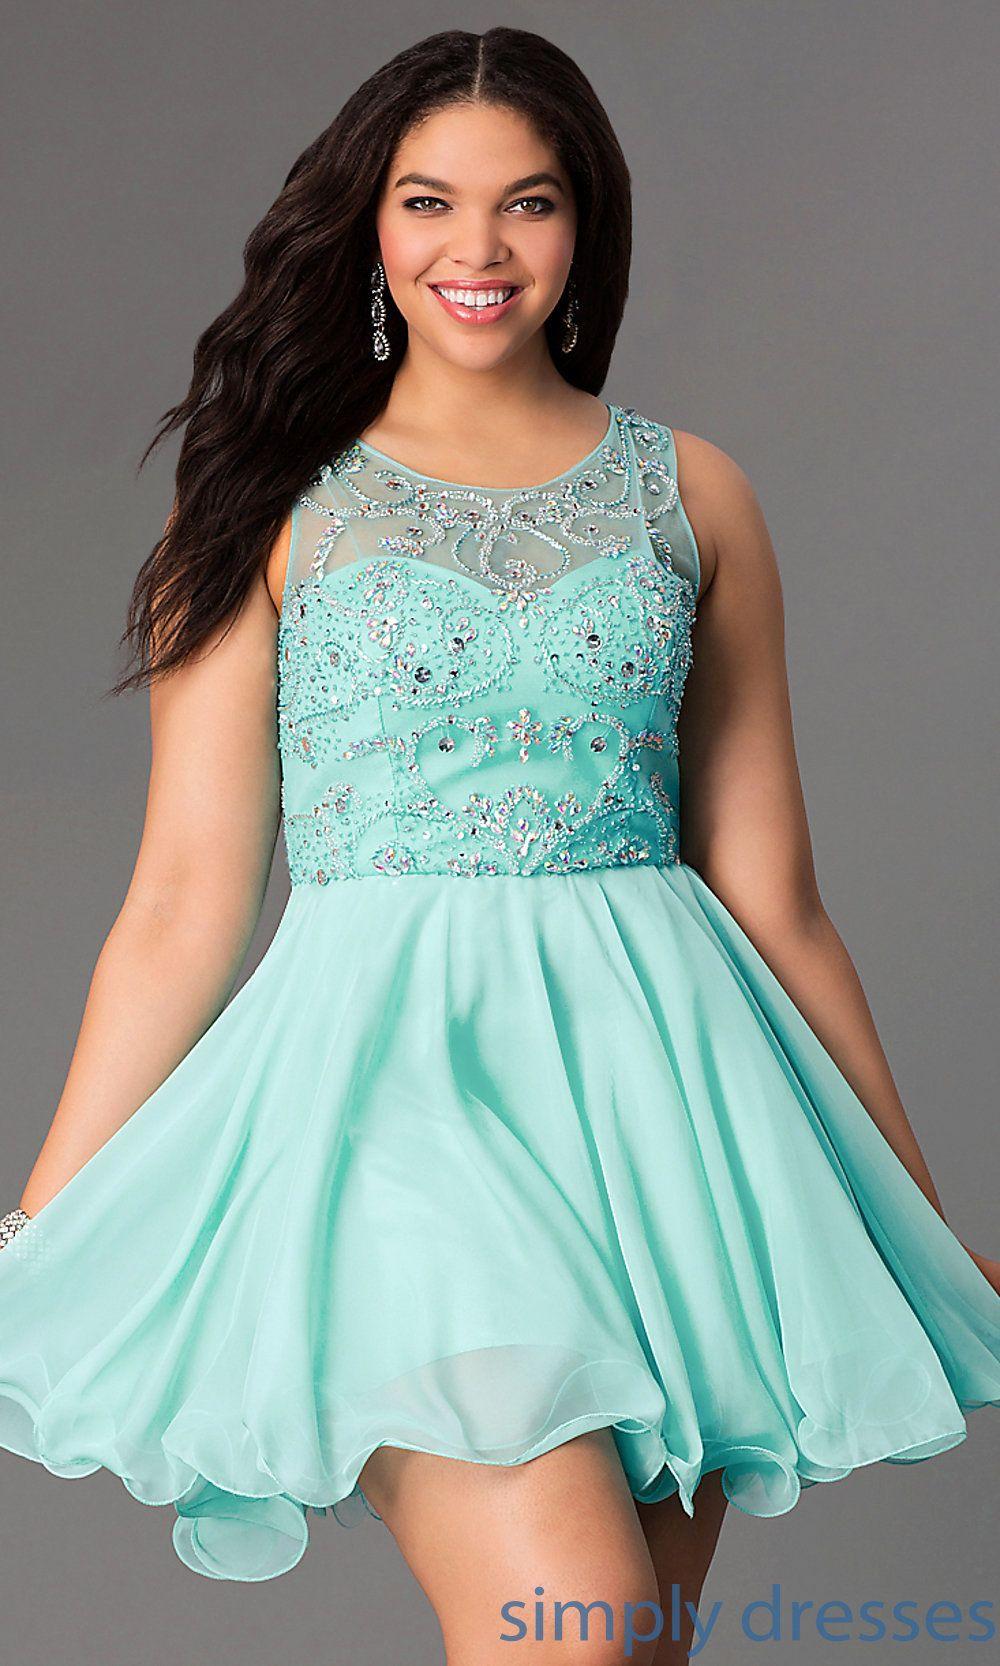 short prom dresses plus size choice image - dresses design ideas